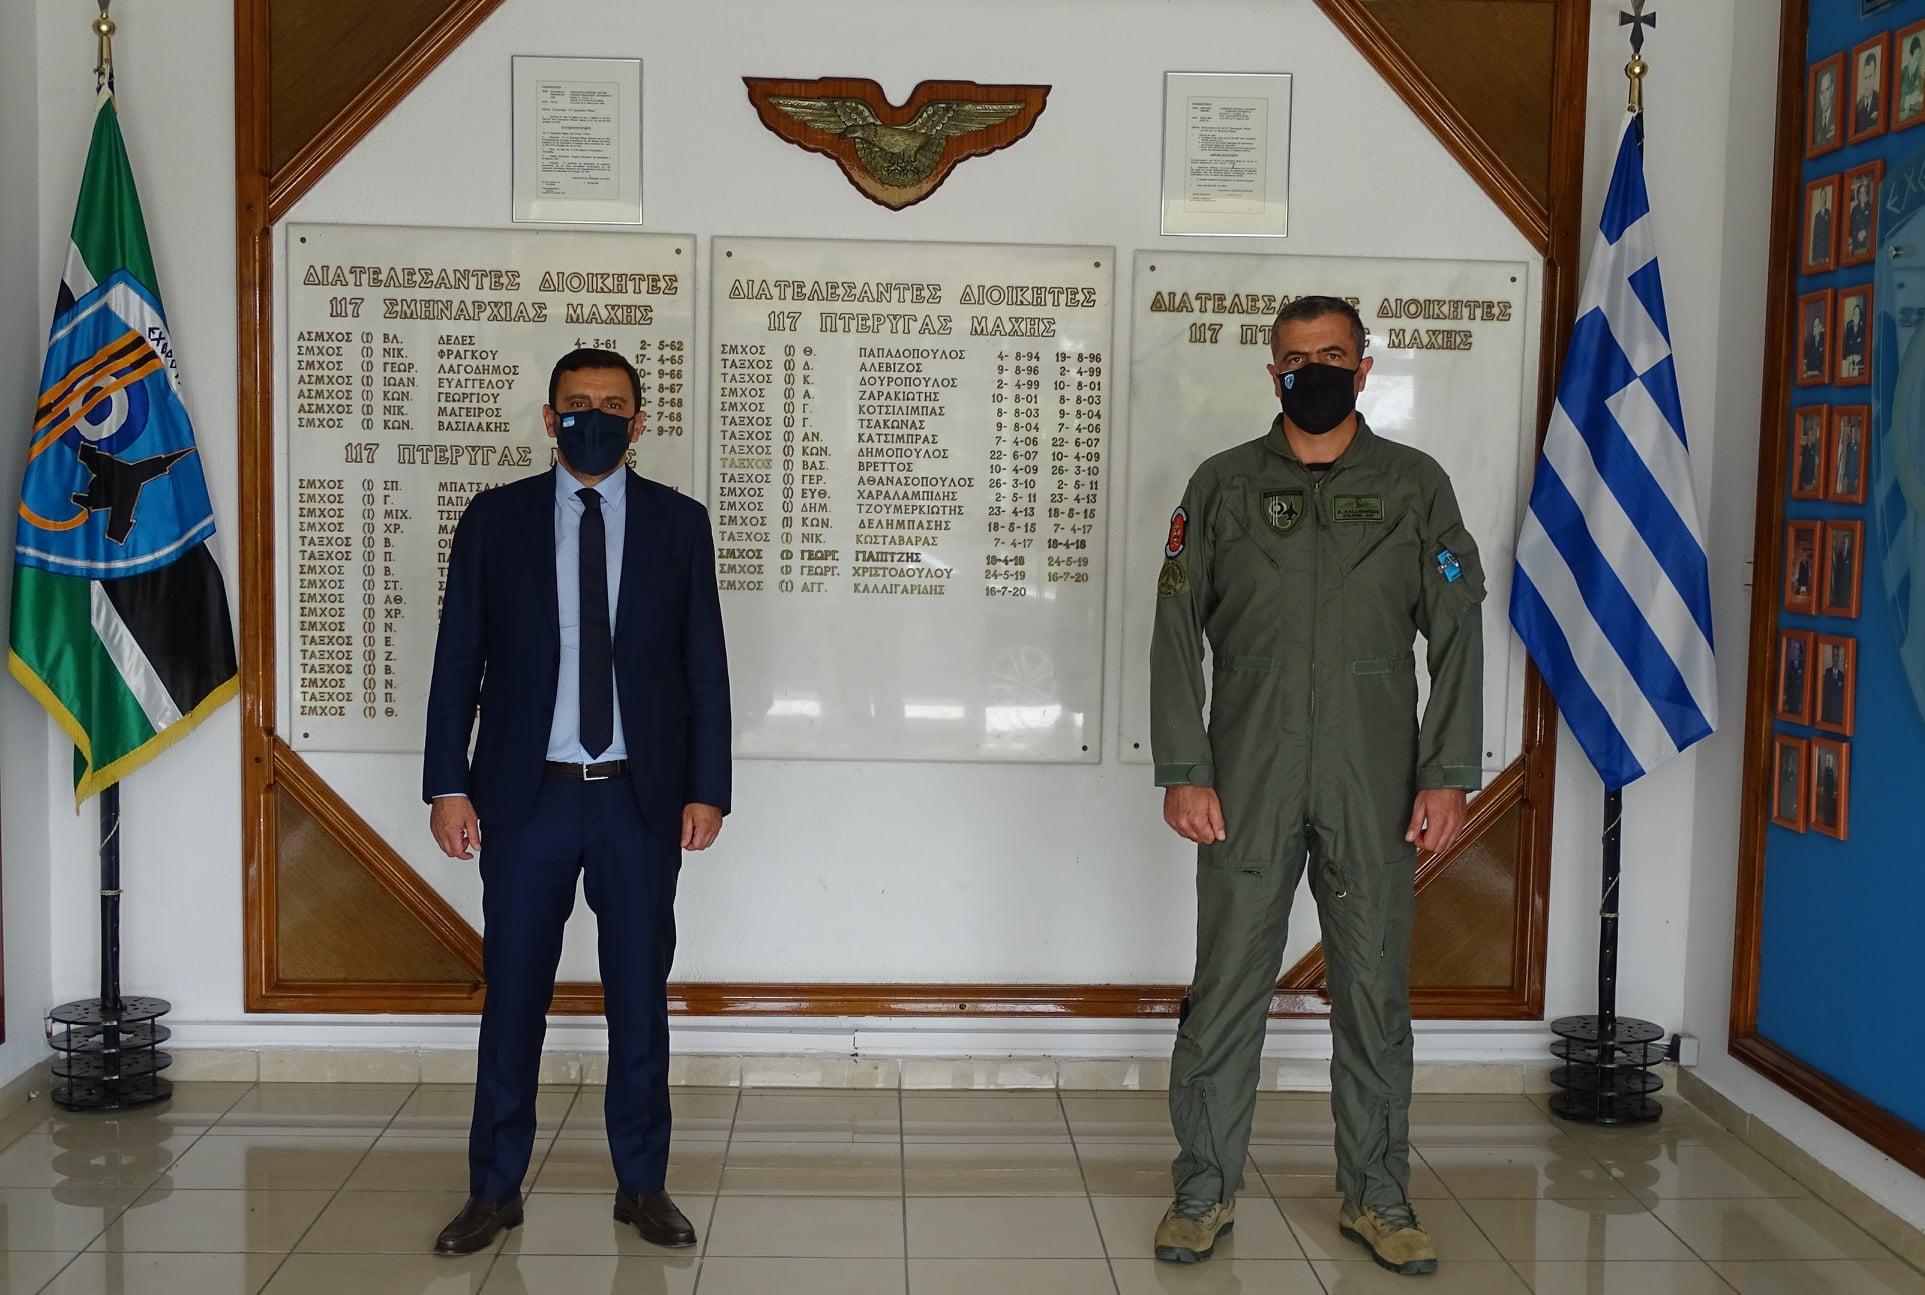 Με τον Διοικητή της 117 ΠΜ Ανδραβίδας ο Βουλευτής Ανδρέας Νικολακόπουλος: Οι Ένοπλες Δυνάμεις μας κάνουν περήφανους!